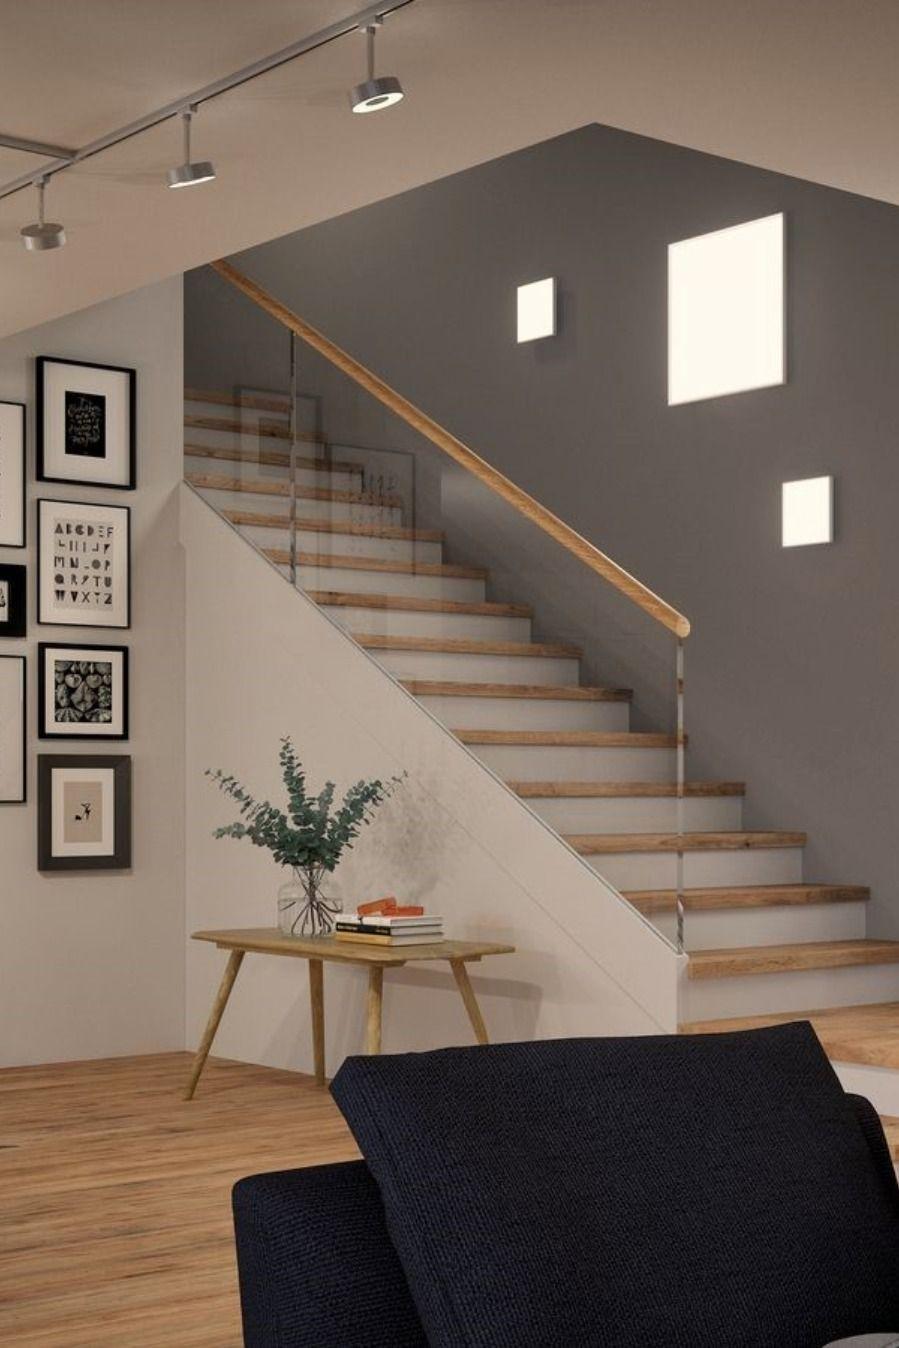 Wandbeleuchtung An Der Treppe Mit Led Panels Schaffst Du Eine Intensive Beleuchtung Im Flur Und Eingangsbereich Pra In 2020 Stairs Design Modern Stair Decor Stairs